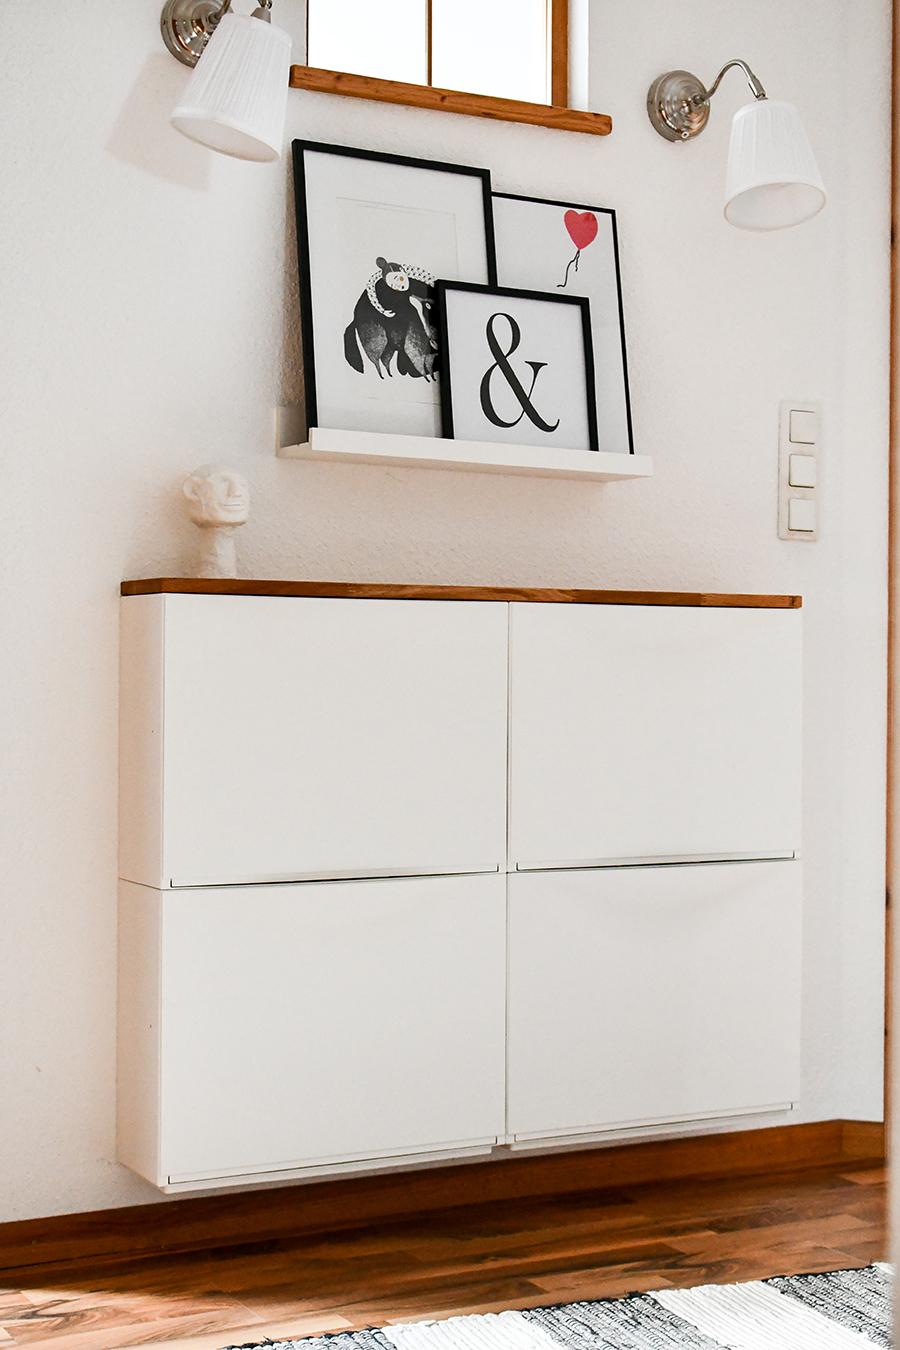 IKEA-Hack: So verschönerst du deine Möbel mit Holzplatten